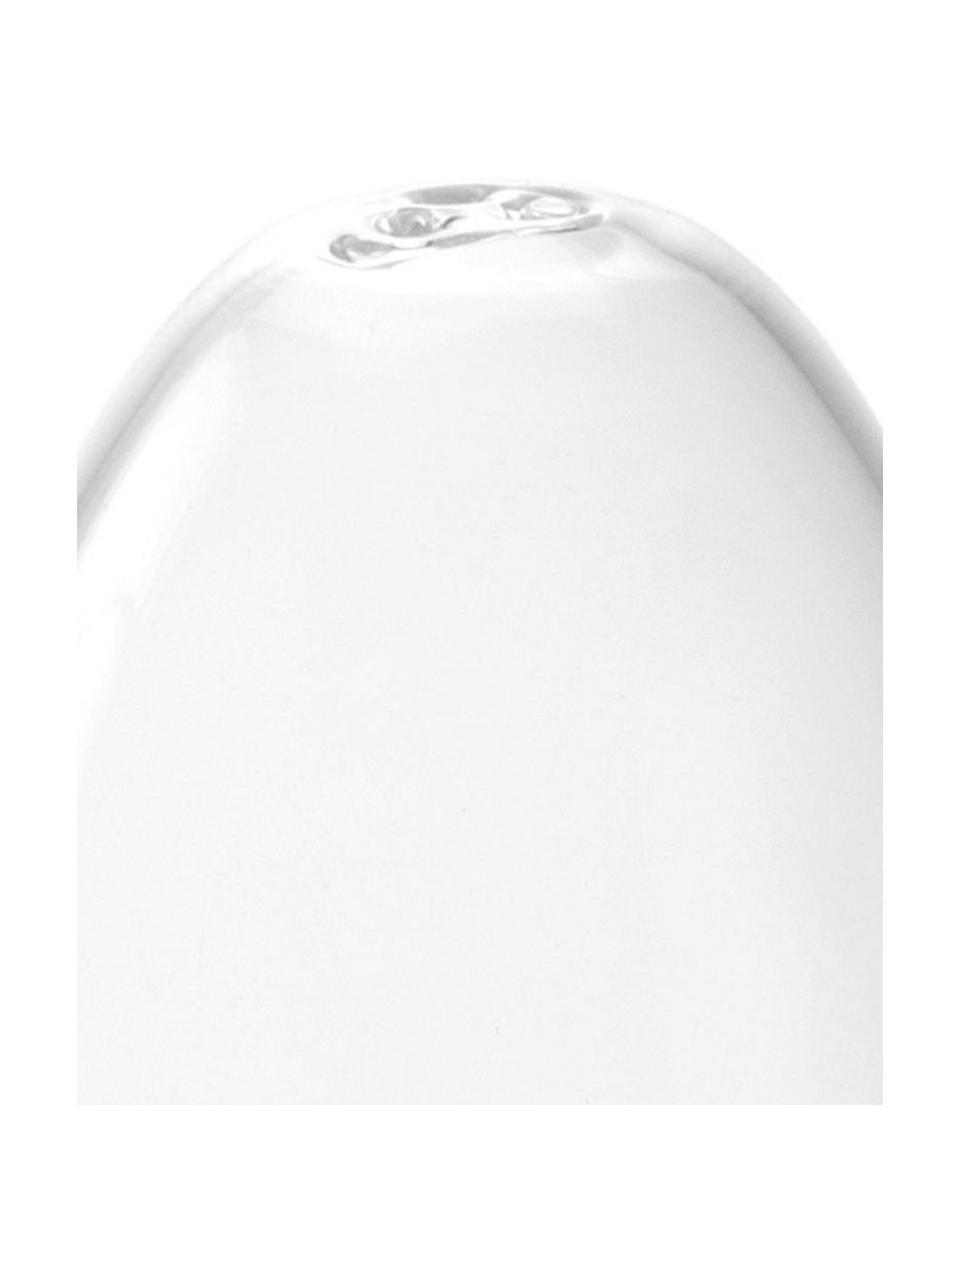 Solniczka i pieprzniczka Shally, 2 elem., Transparentny, Ø 6 x W 8 cm